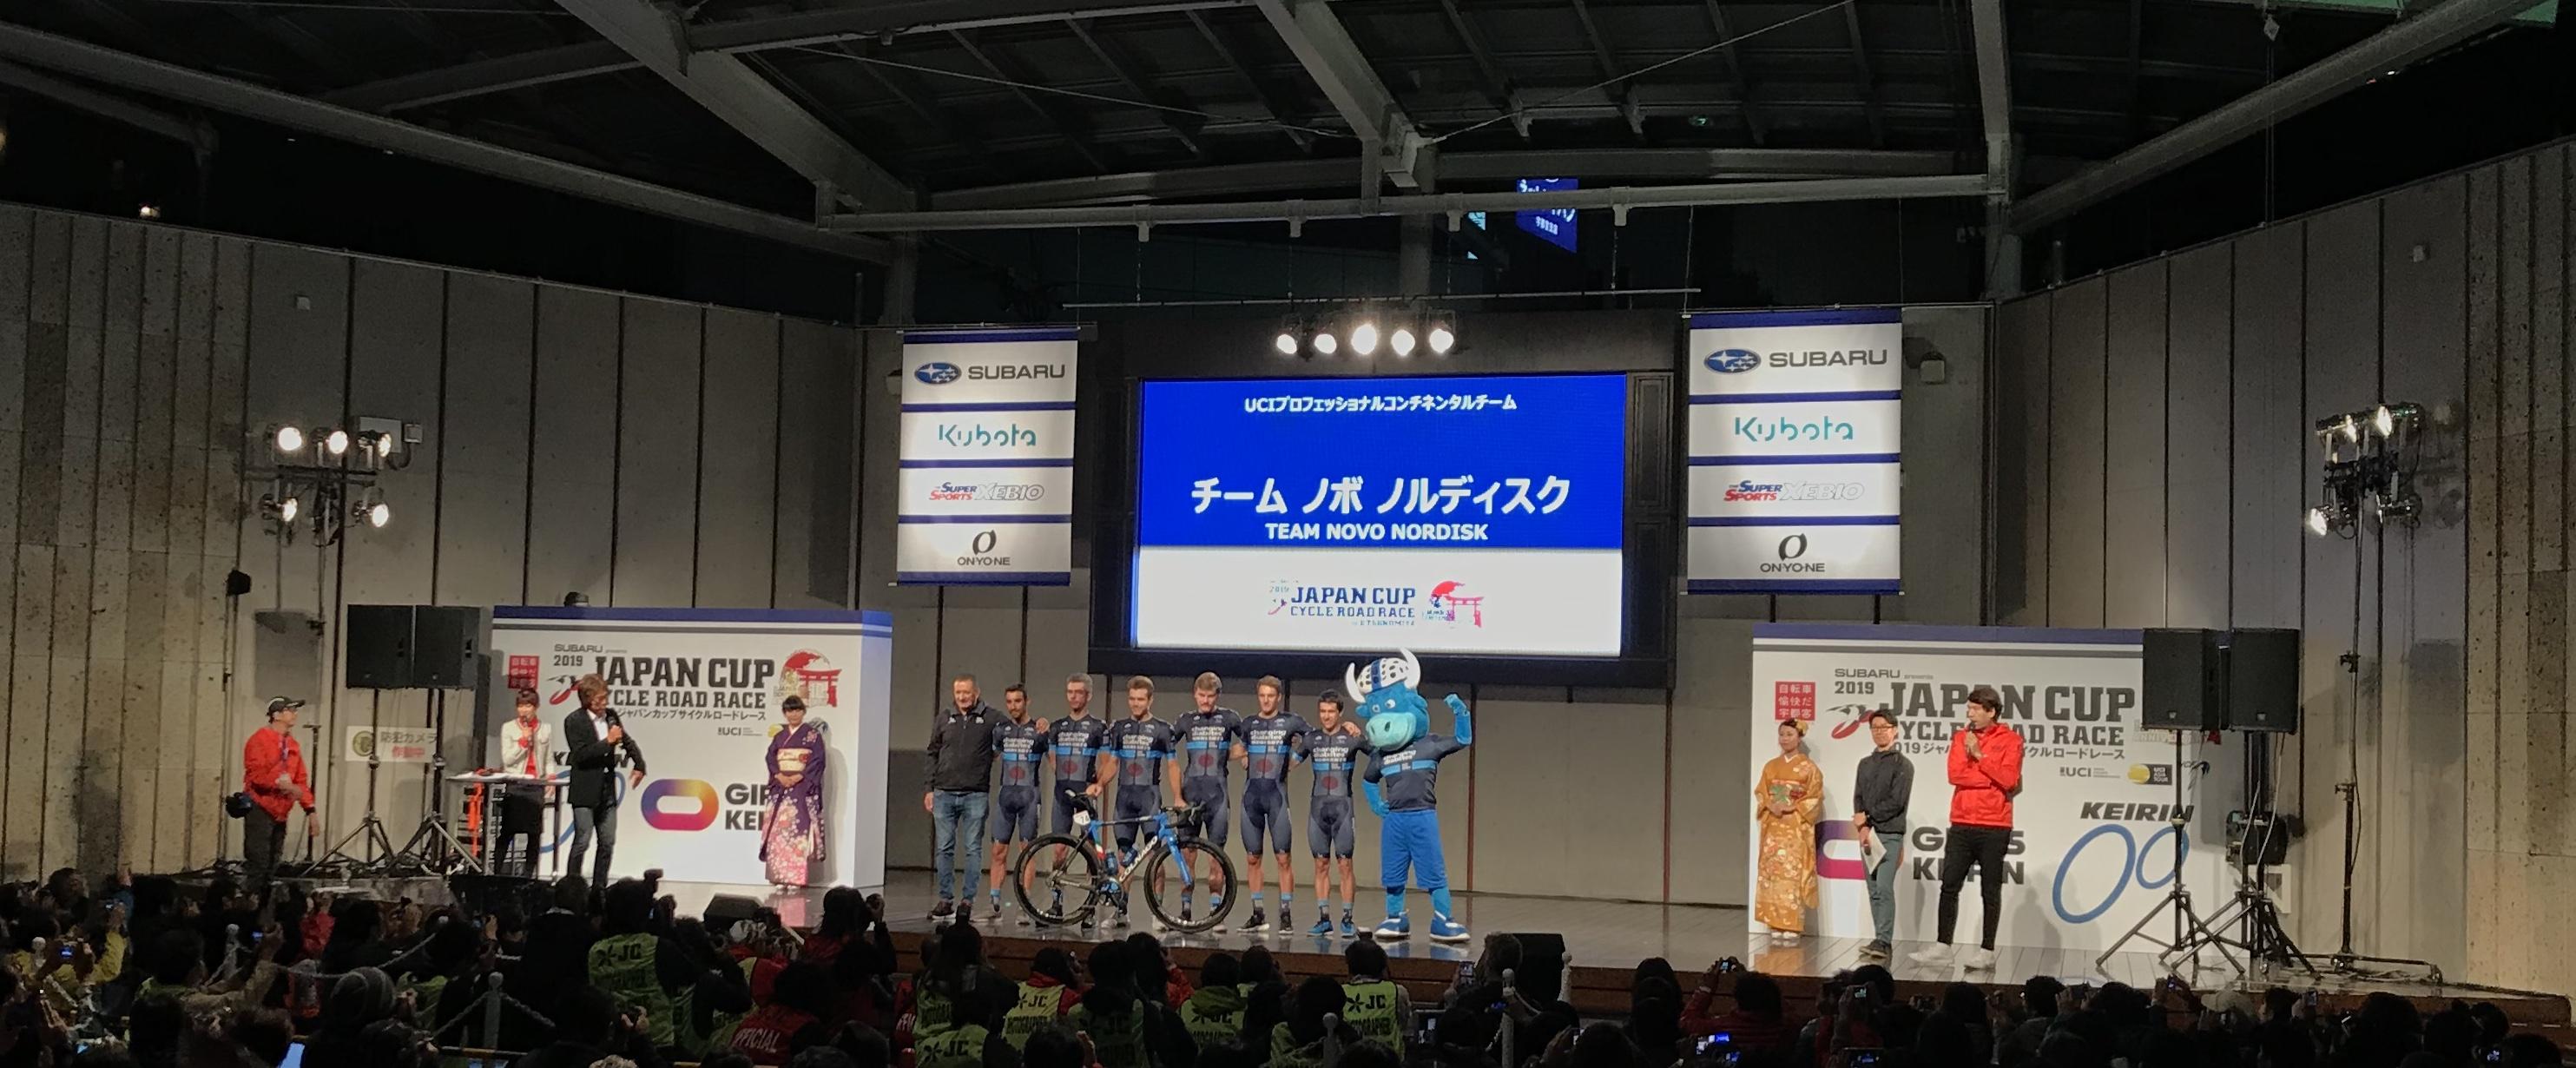 全員が1型糖尿病患者で構成されたプロサイクリングチーム「Team Novo Nordisk」が6度目の日本遠征に挑戦!